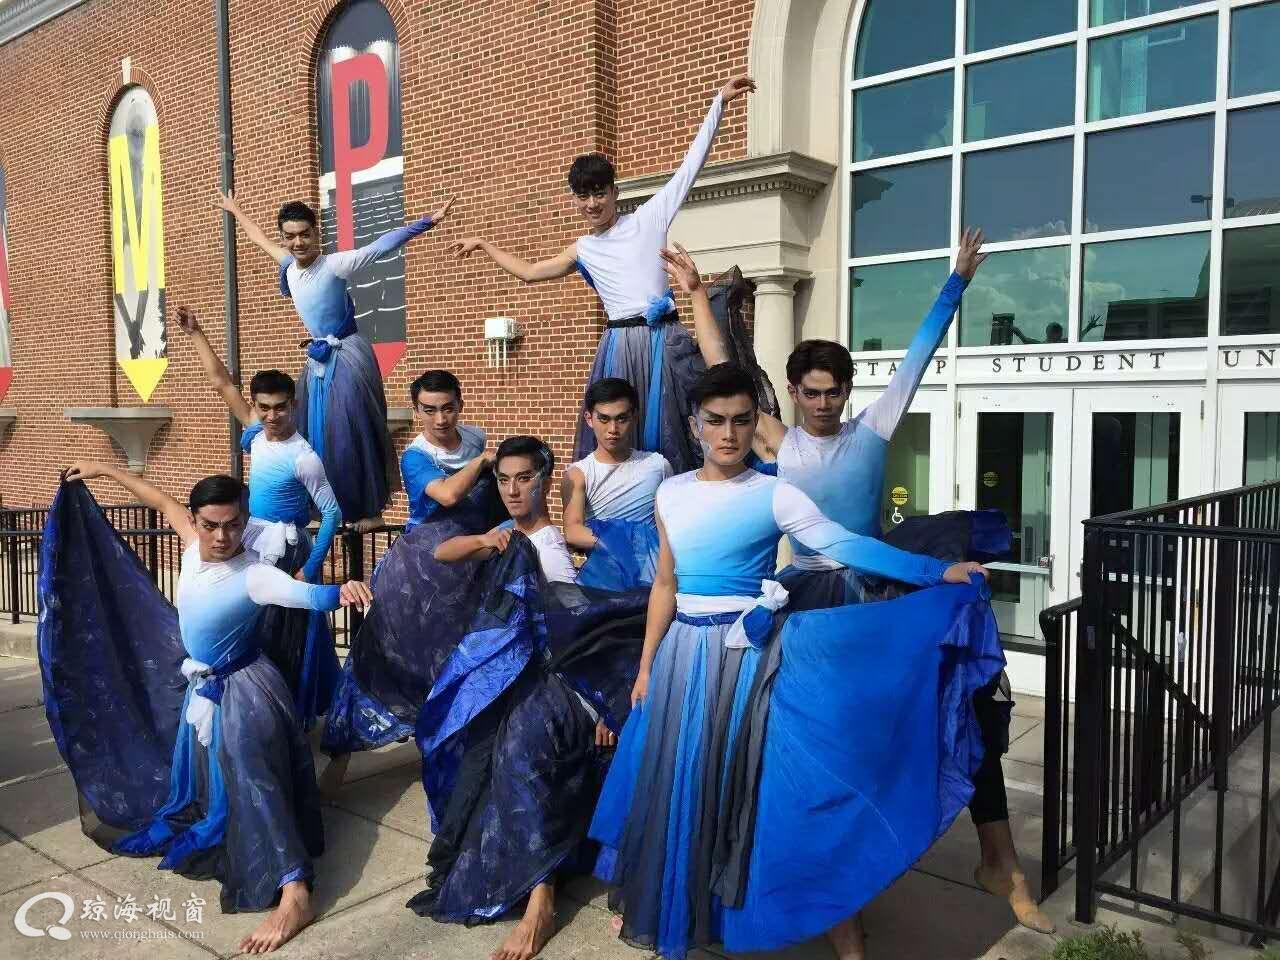 琼海嘉积中学男子舞团舞进联合国总部 水墨天书绽放世界舞台